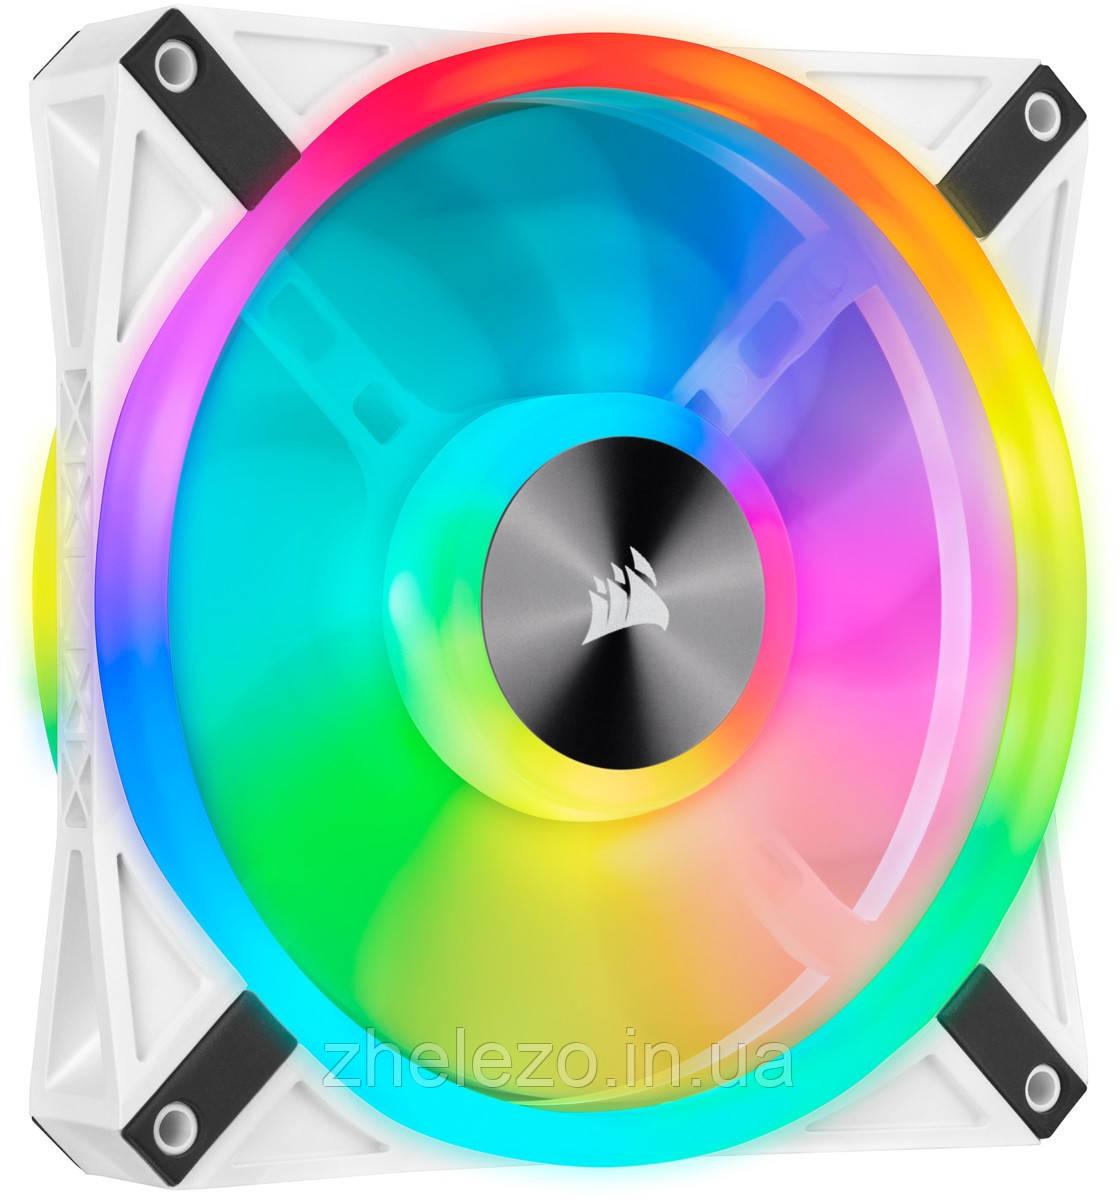 Вентилятор Corsair iCUE QL140 RGB (CO-9050105-WW), 140x140x25мм, 4-pin PWM, белый